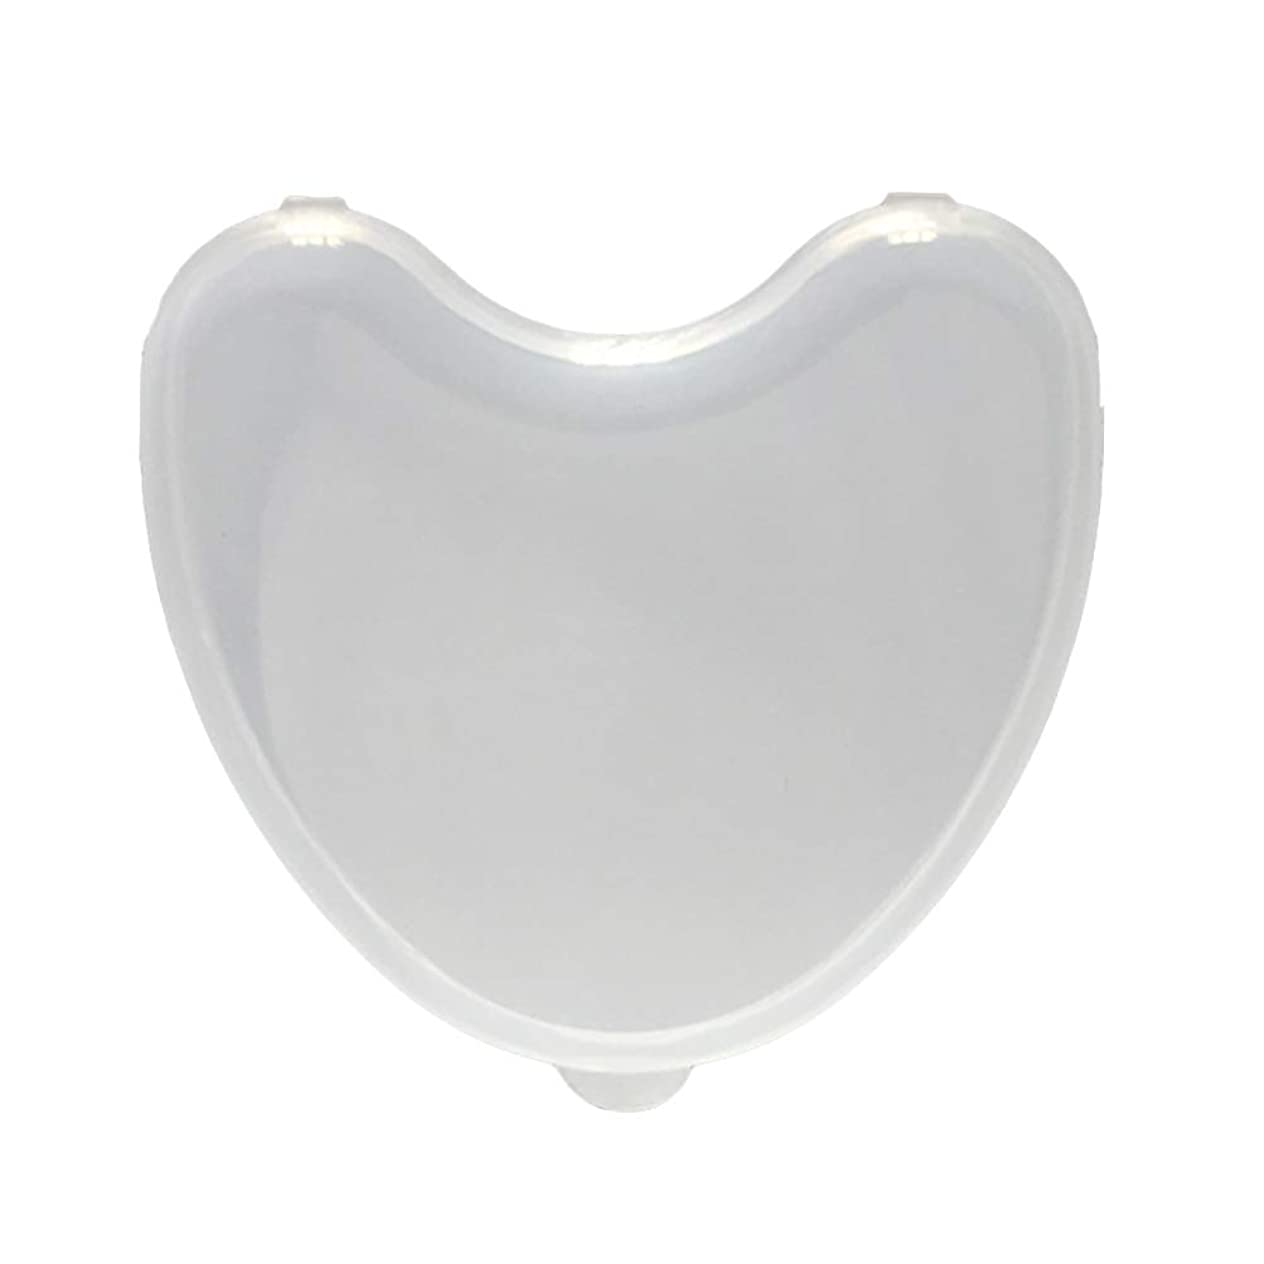 ヘルメット合図取り替えるHealifty 義歯ボックス透明偽歯コンテナ旅行用